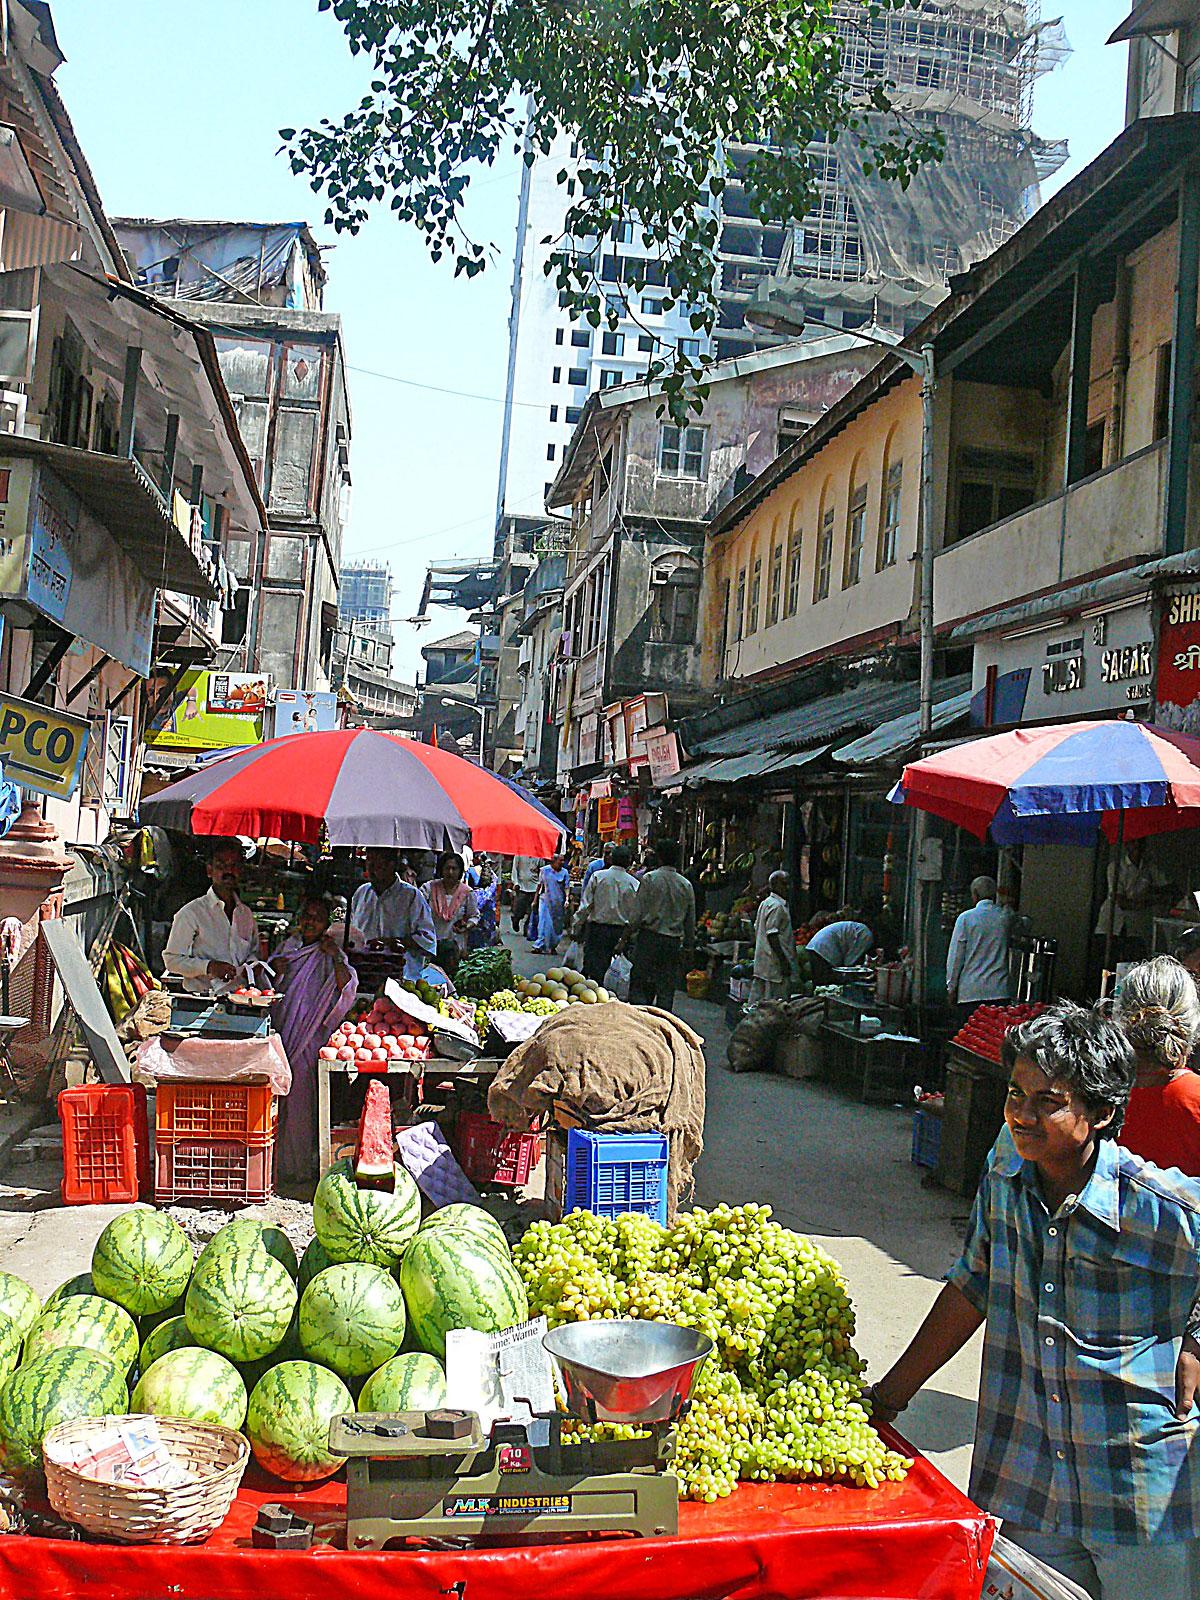 INDIEN MUMBAI Menschen Wohnen FINEST-onTour P1030450.jpg